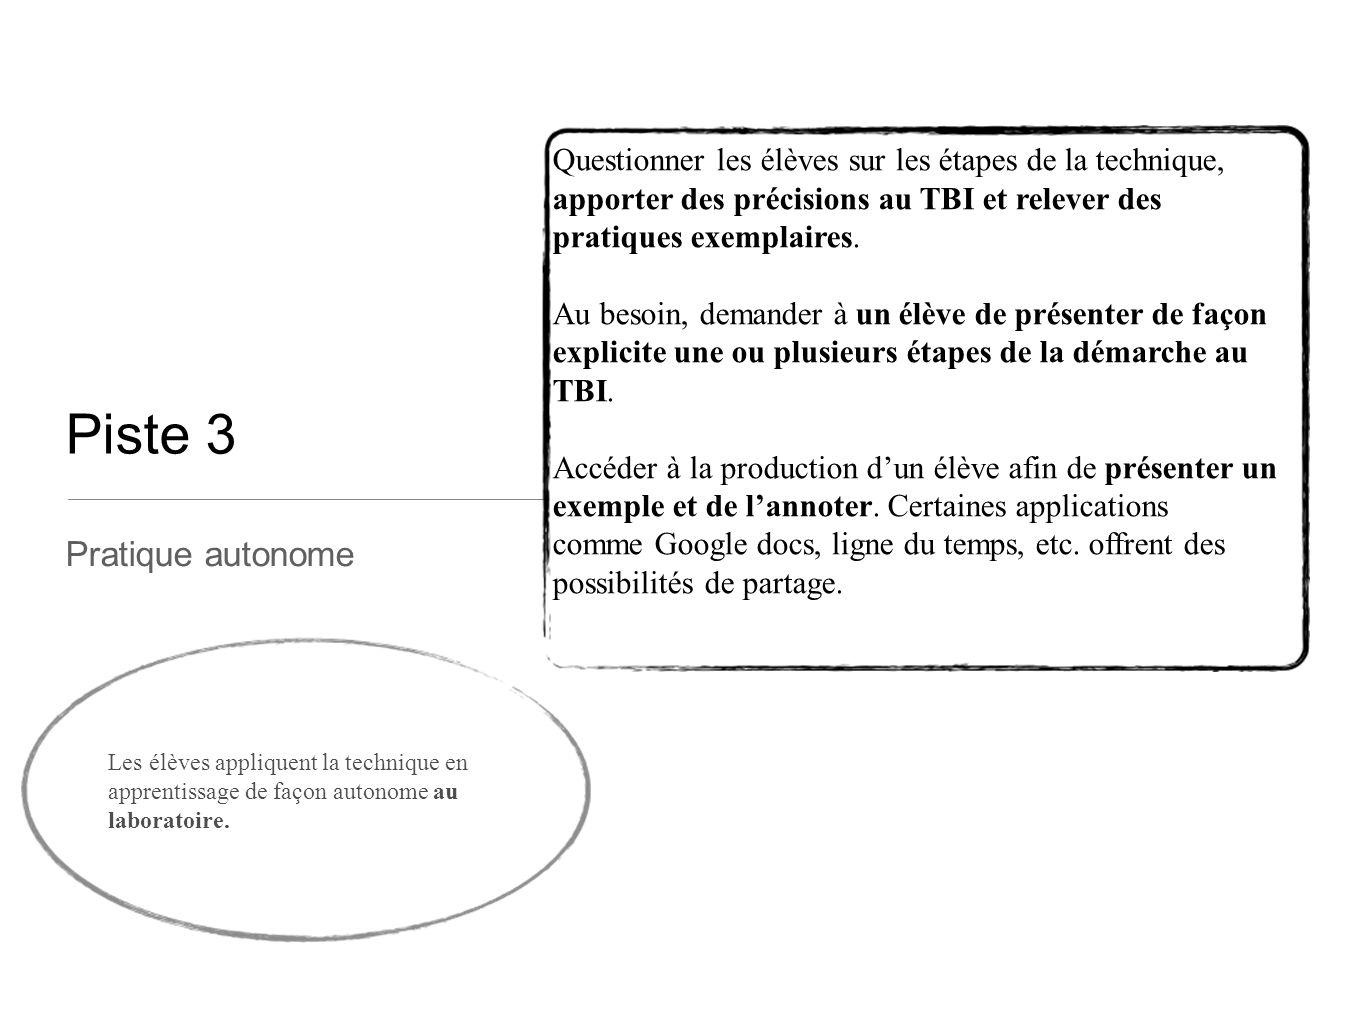 Piste 3 Pratique autonome Questionner les élèves sur les étapes de la technique, apporter des précisions au TBI et relever des pratiques exemplaires.